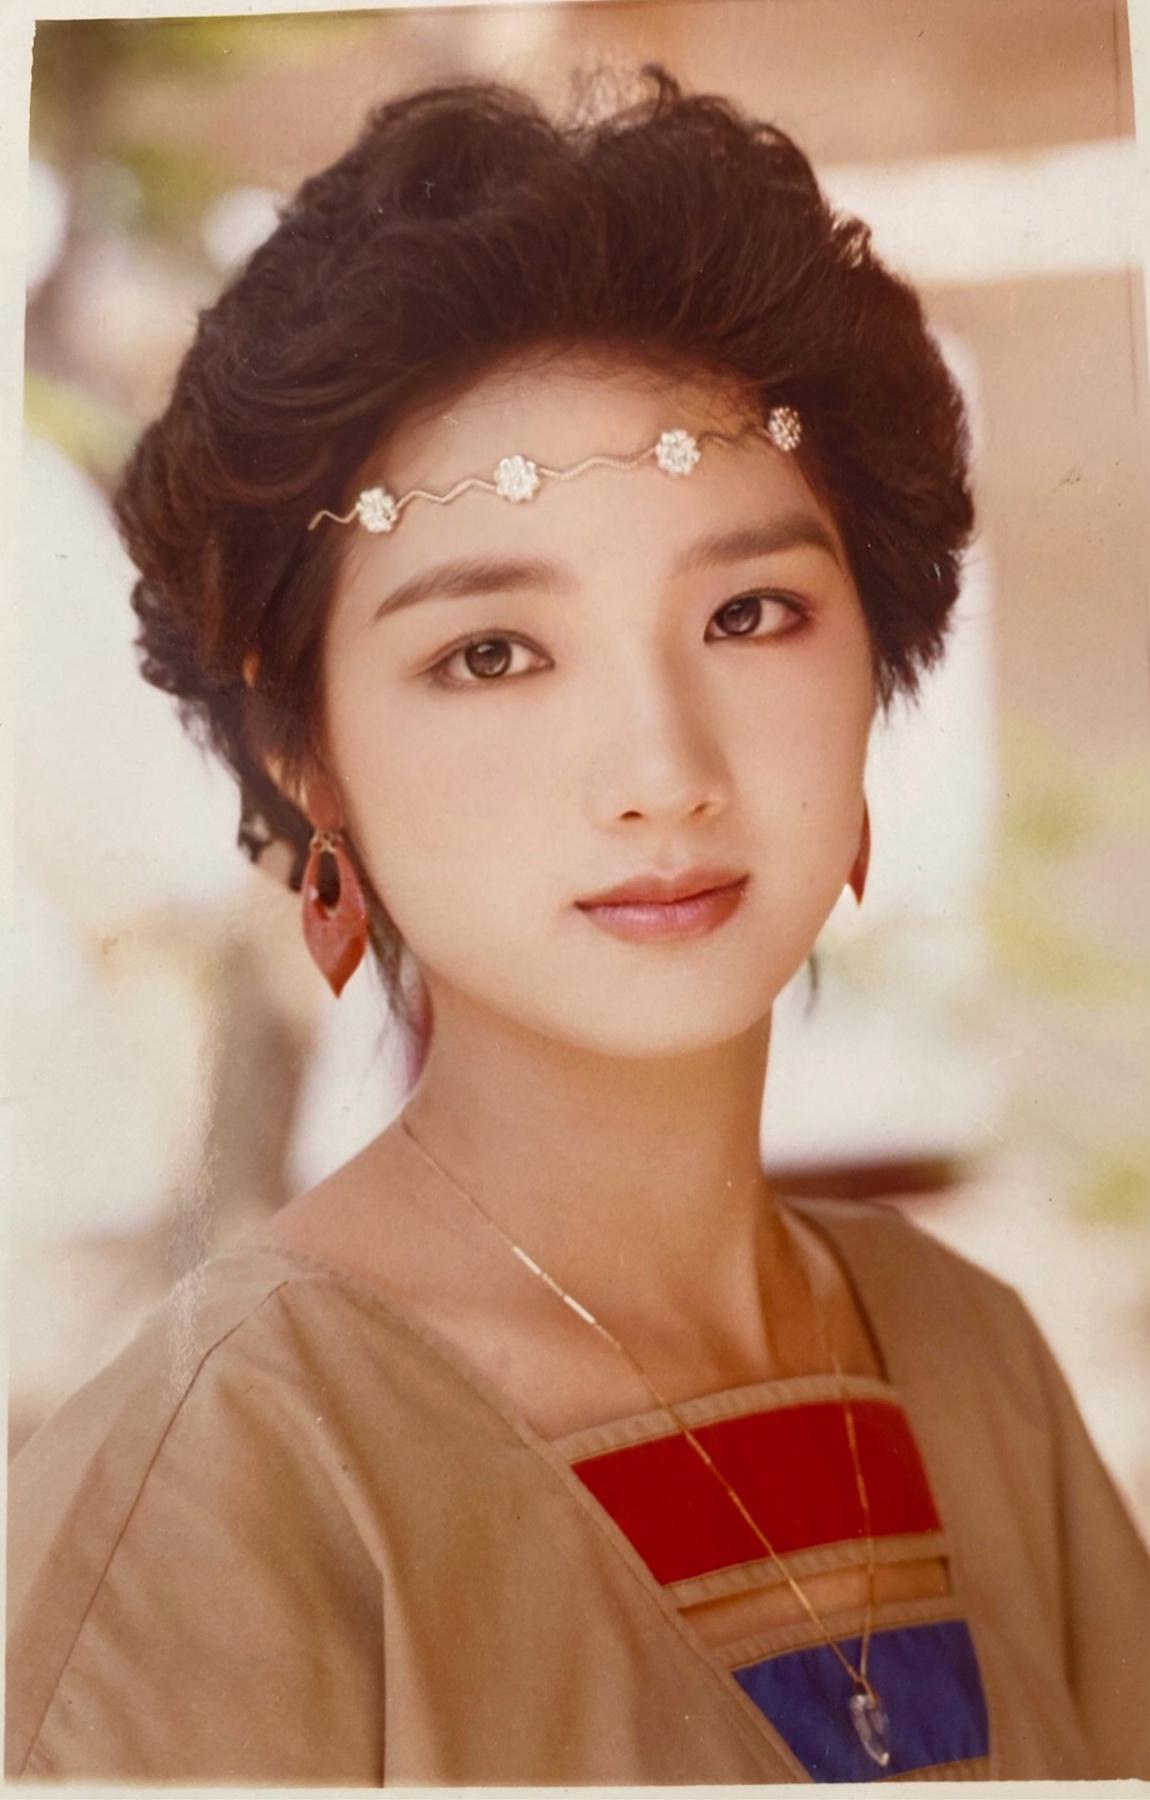 Nhan sắc vạn người mê của Hoa hậu Đền Hùng - Giáng My gần 30 năm trước - Ảnh 1.